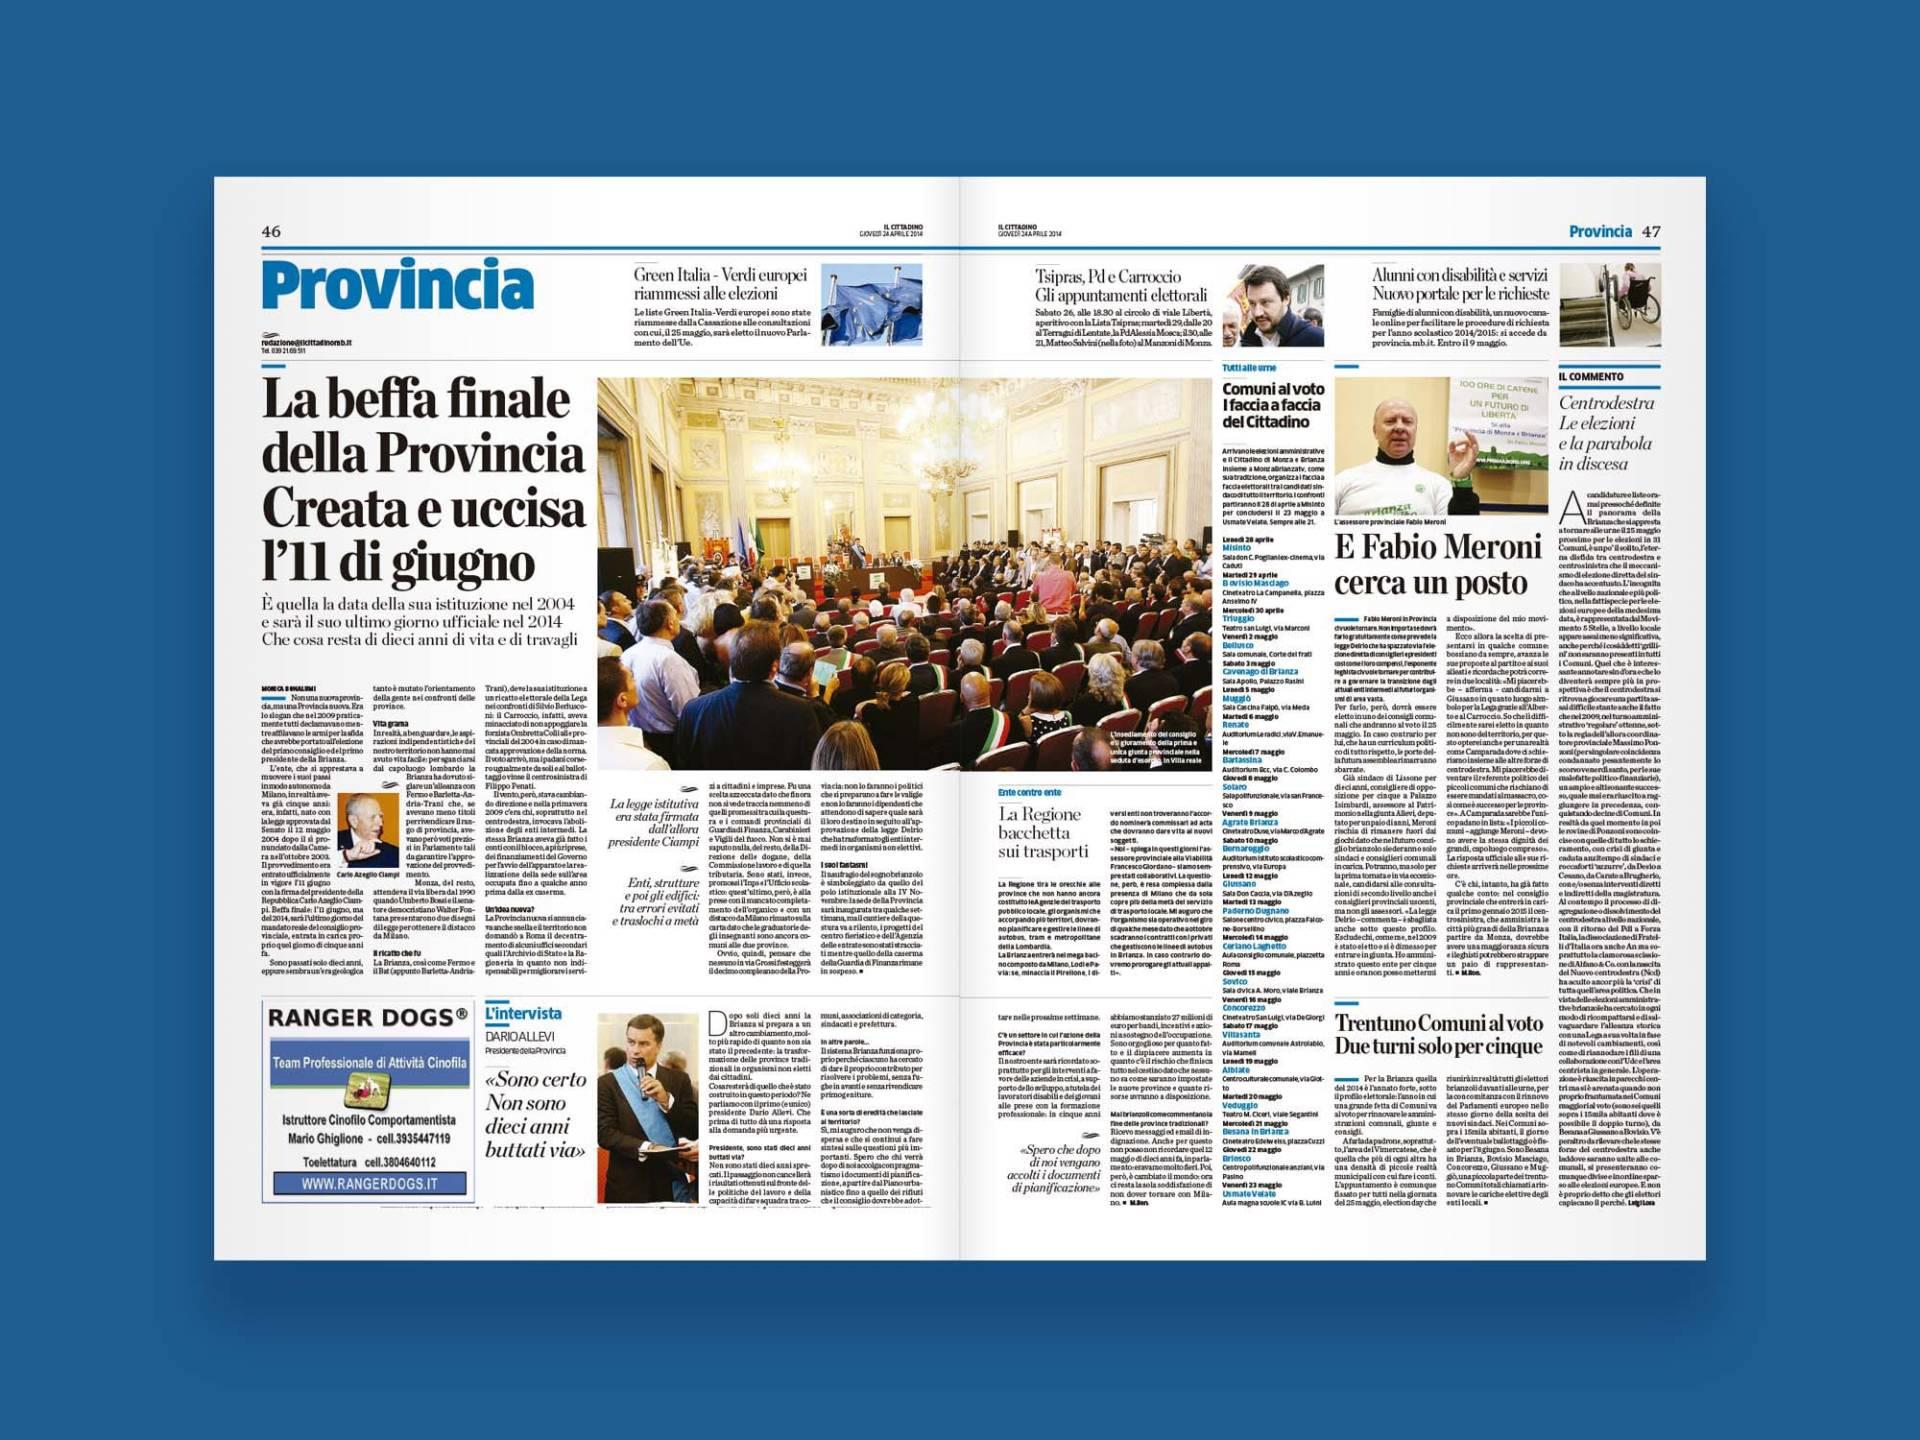 Il_Cittadino_di_Monza_e_Brianza_05_Wenceslau_News_Design